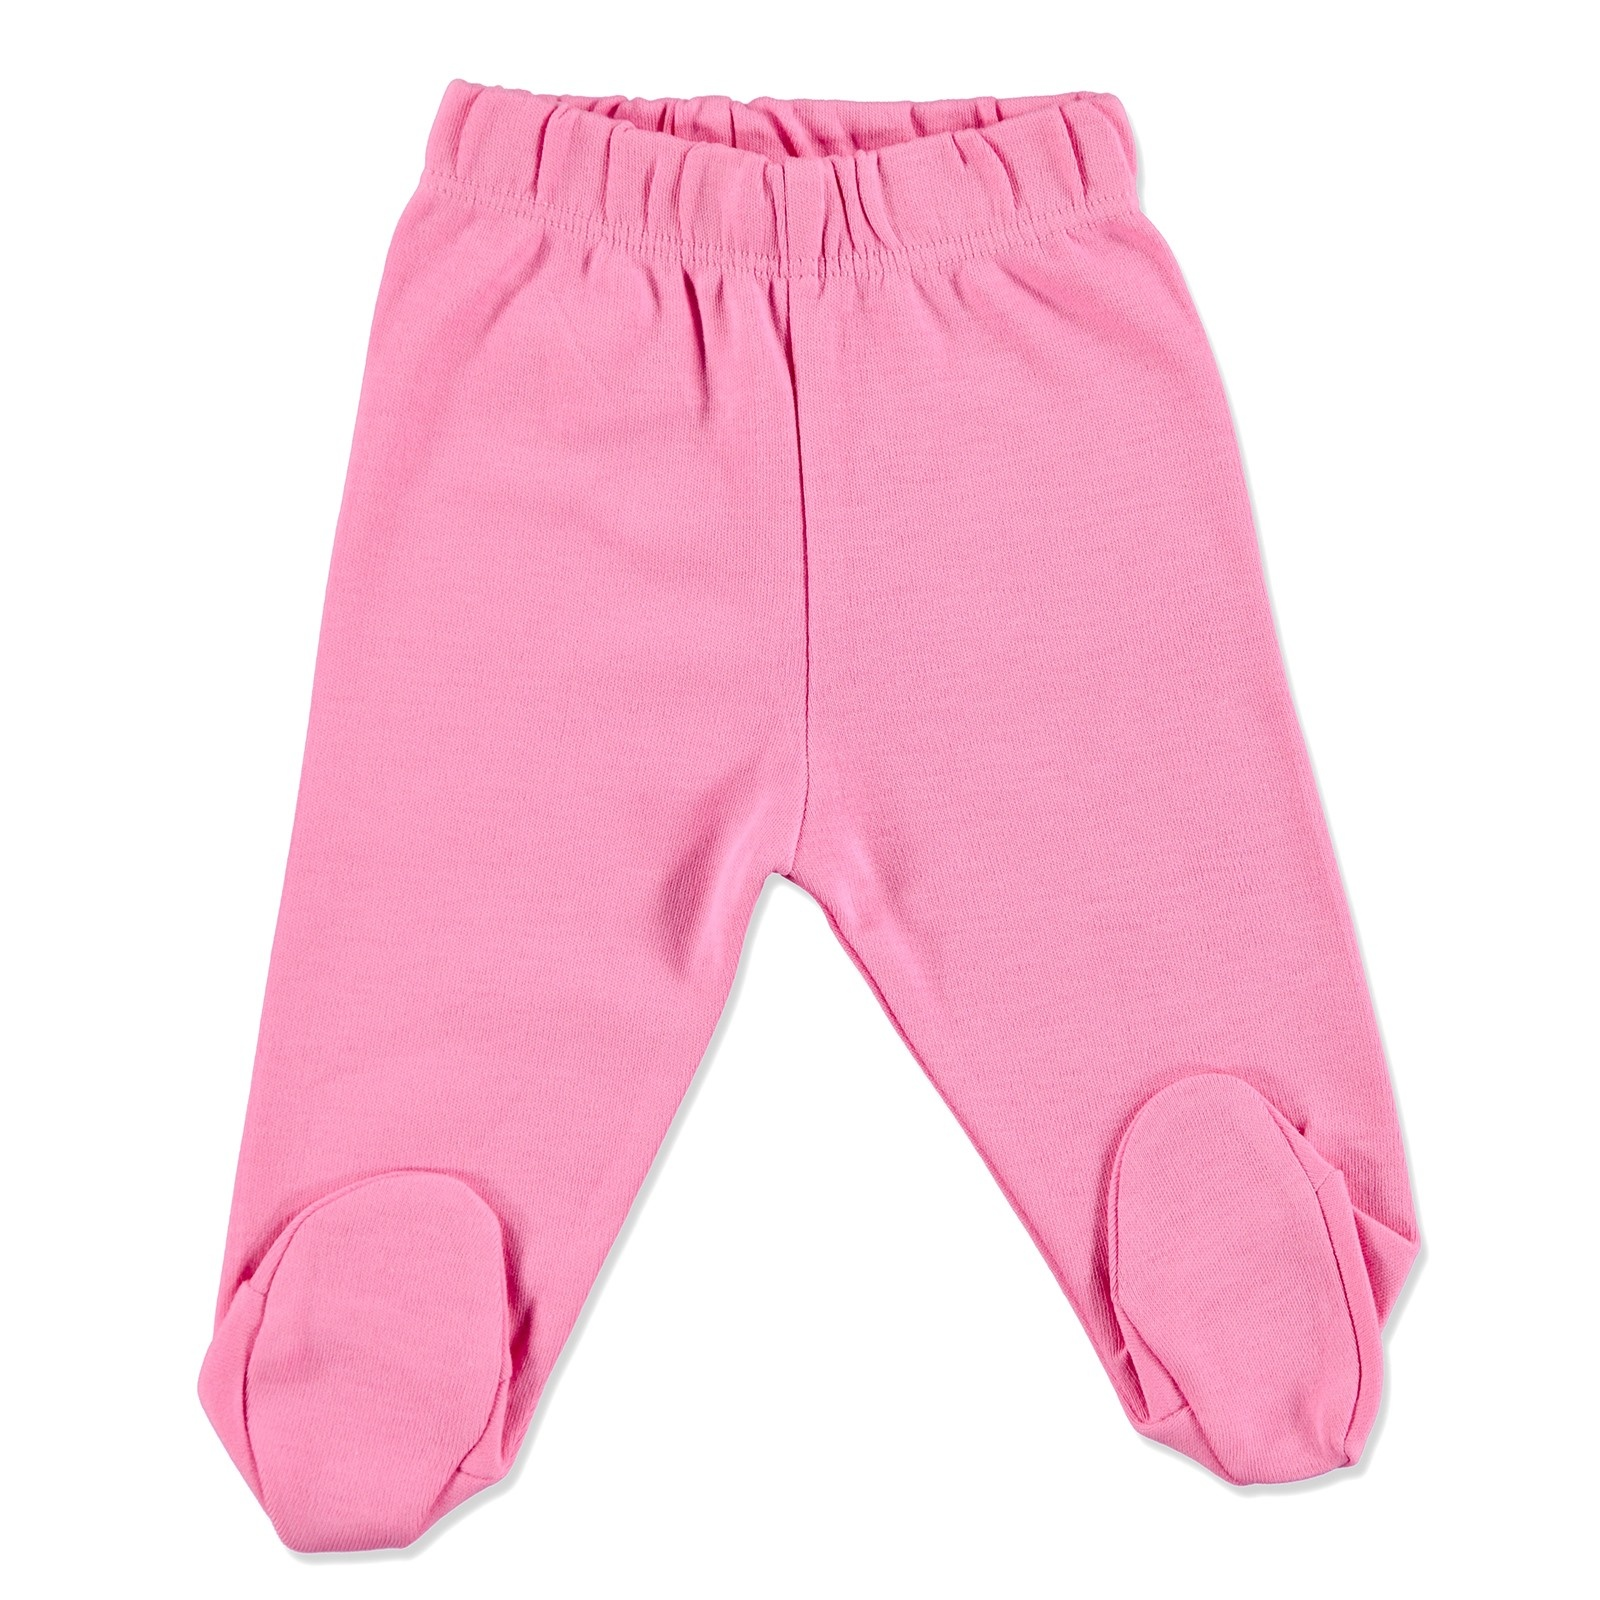 Ebebek HelloBaby Baby Footed Single Pants